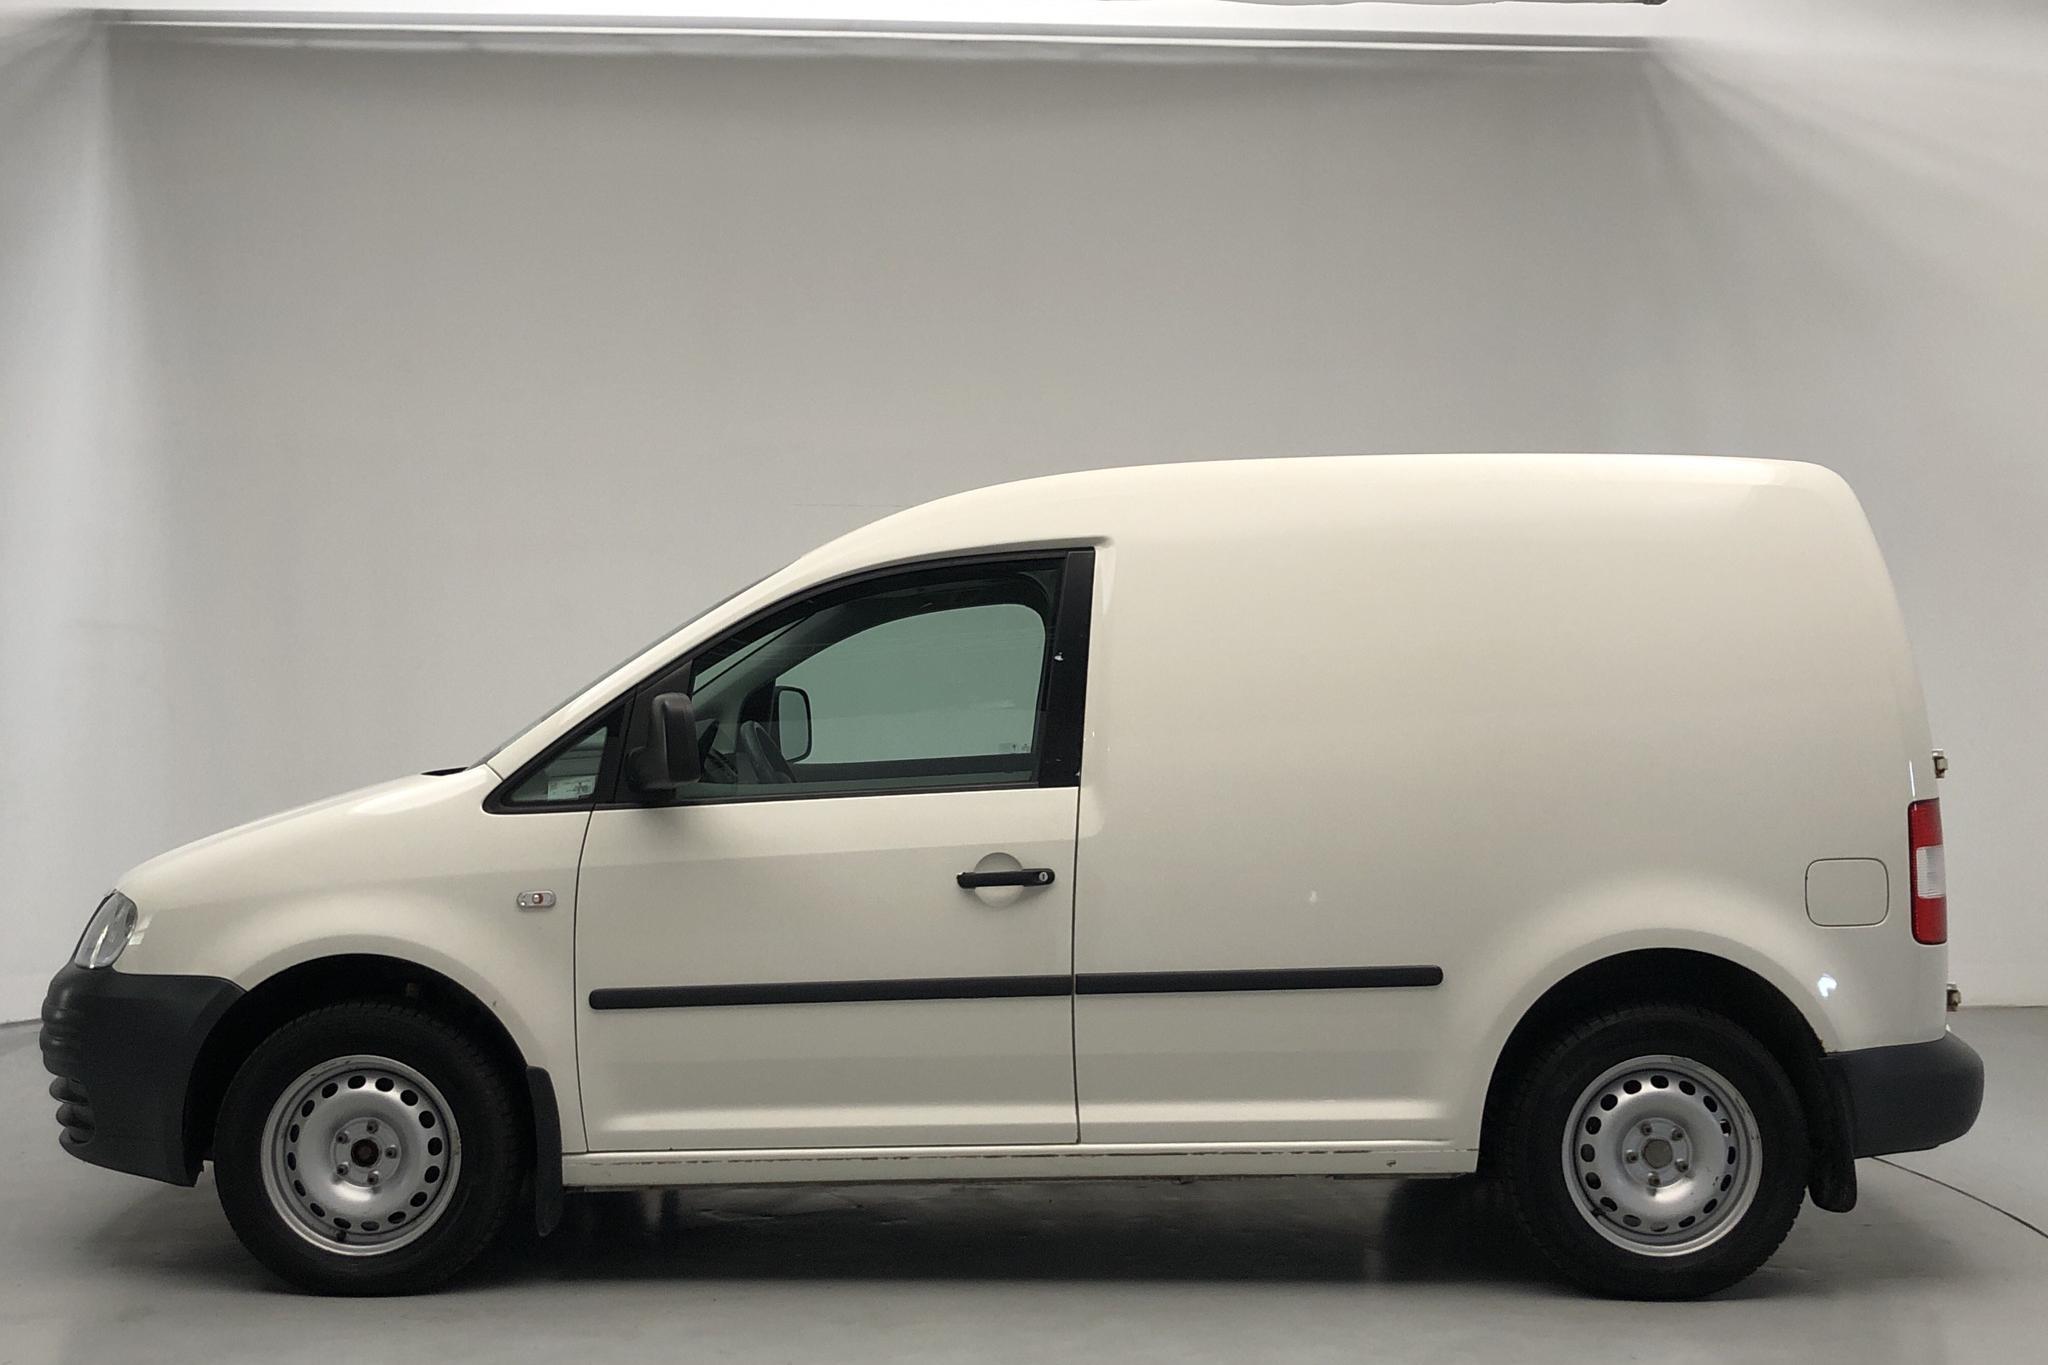 VW Caddy 1.9 TDI Skåp (105hk) - 133 040 km - Manual - white - 2010